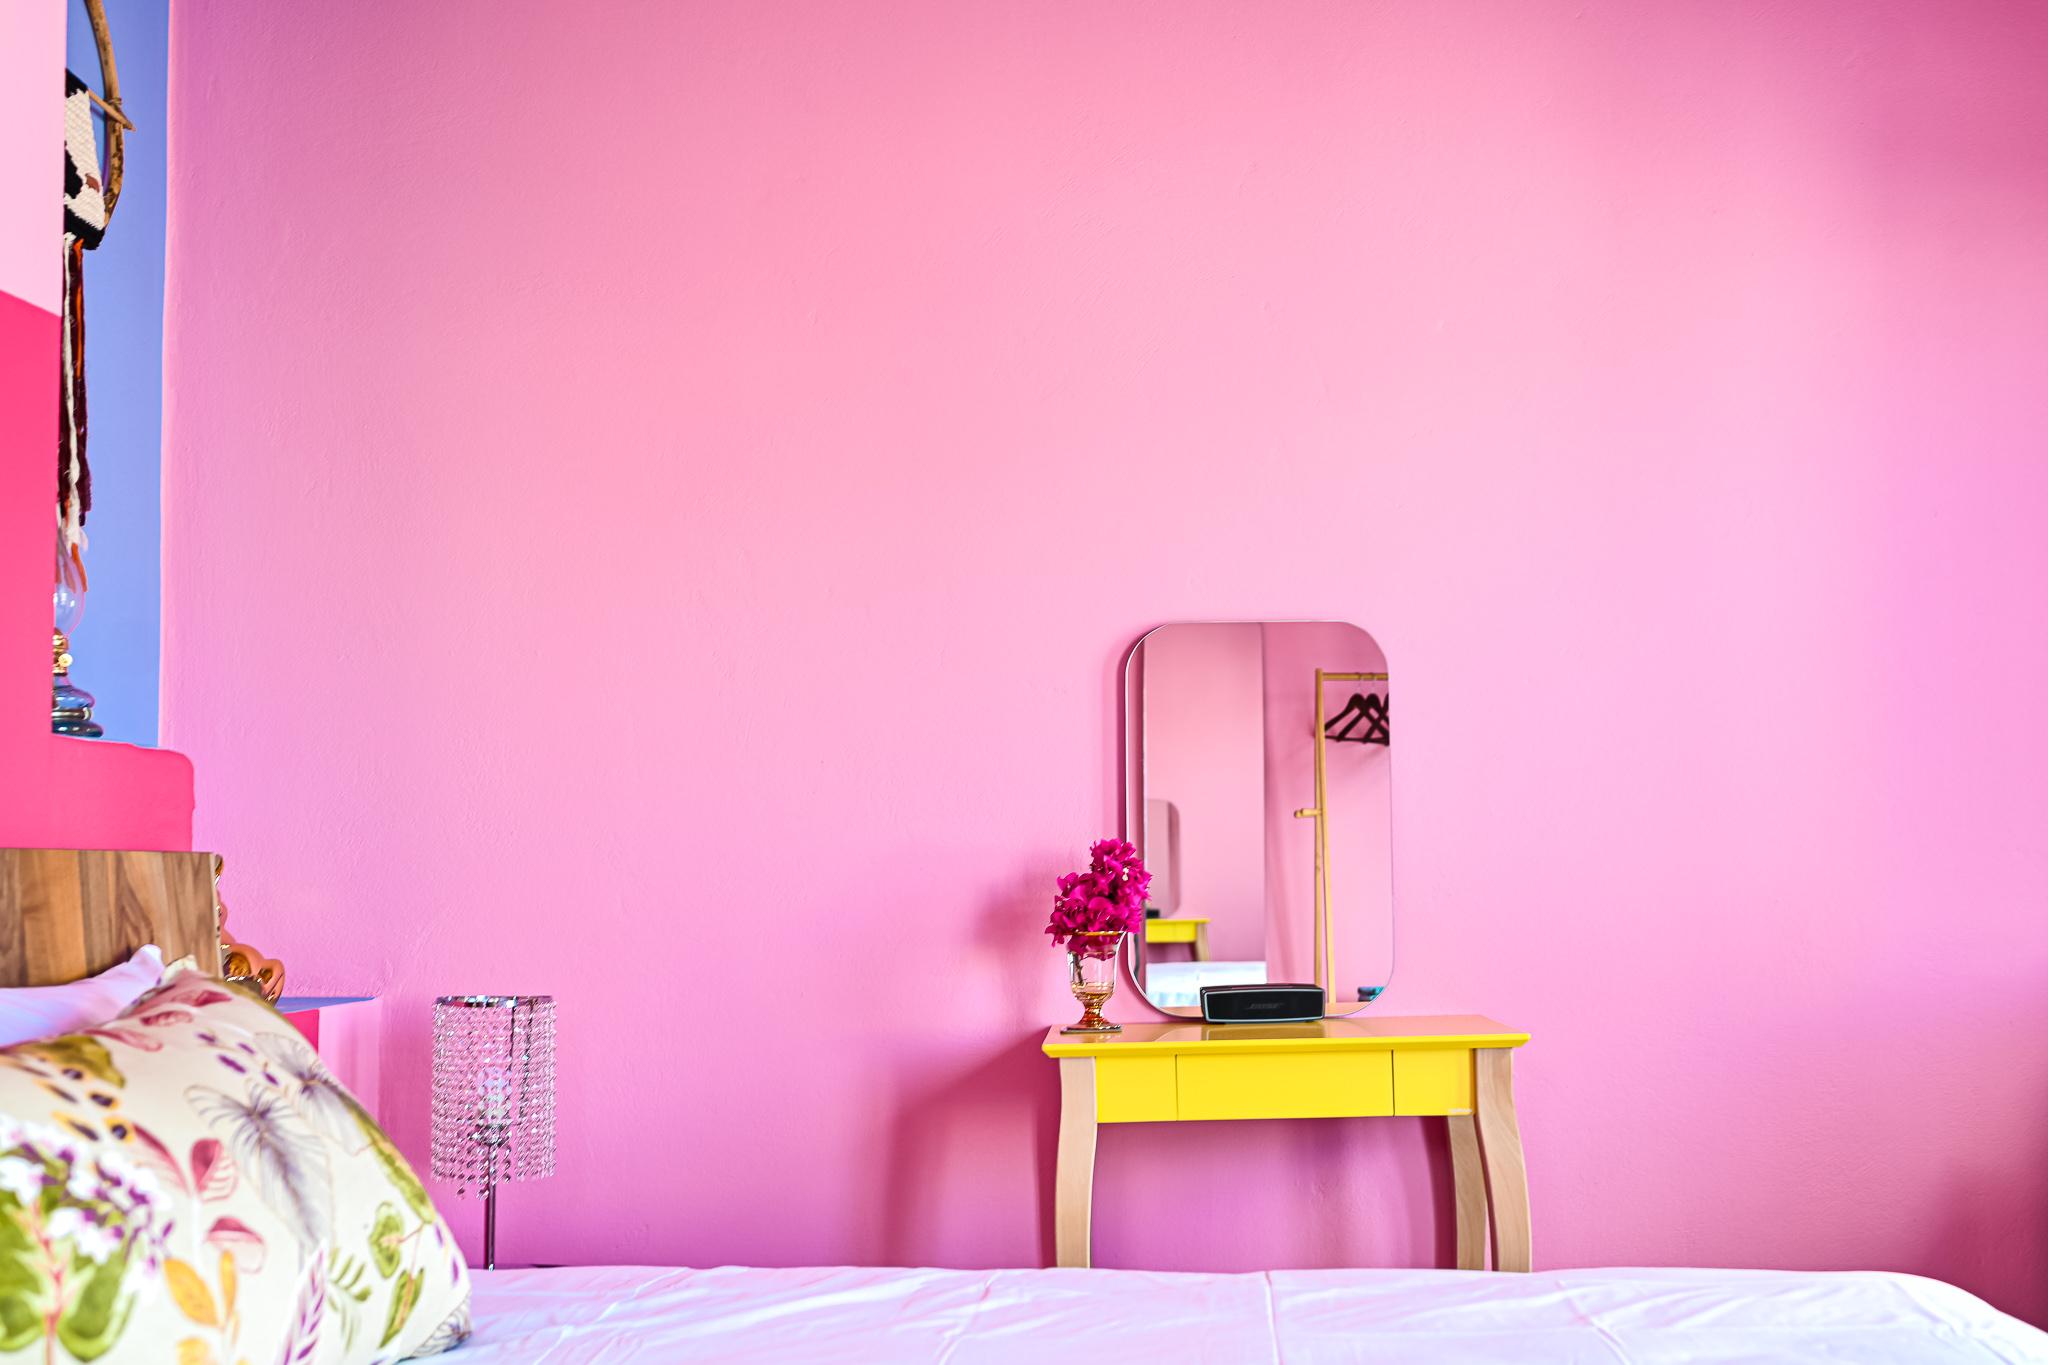 Sweetparos - Candy Suite for rent - Prodromos - Paros